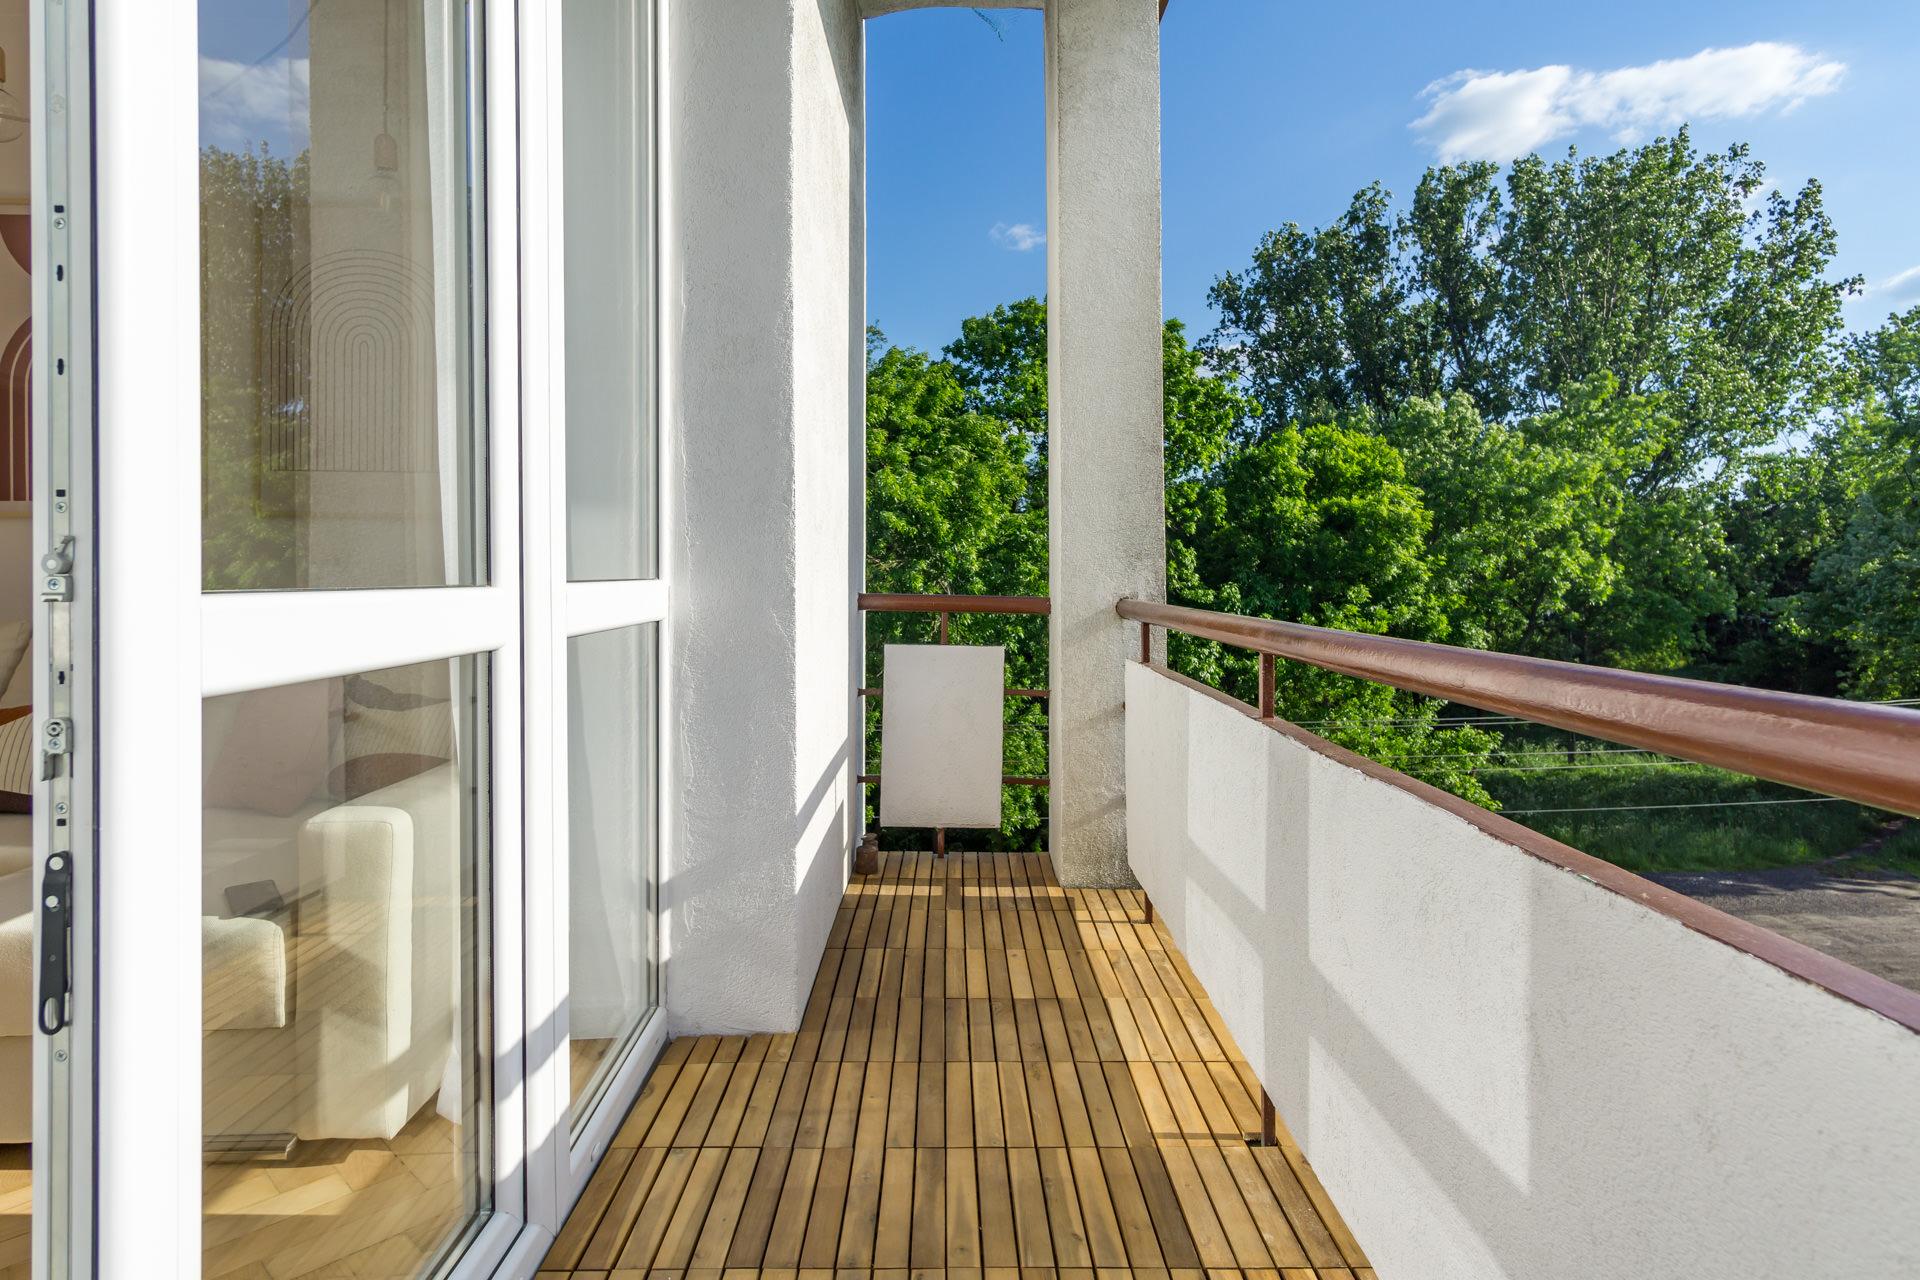 deski akacjowe na balkonie